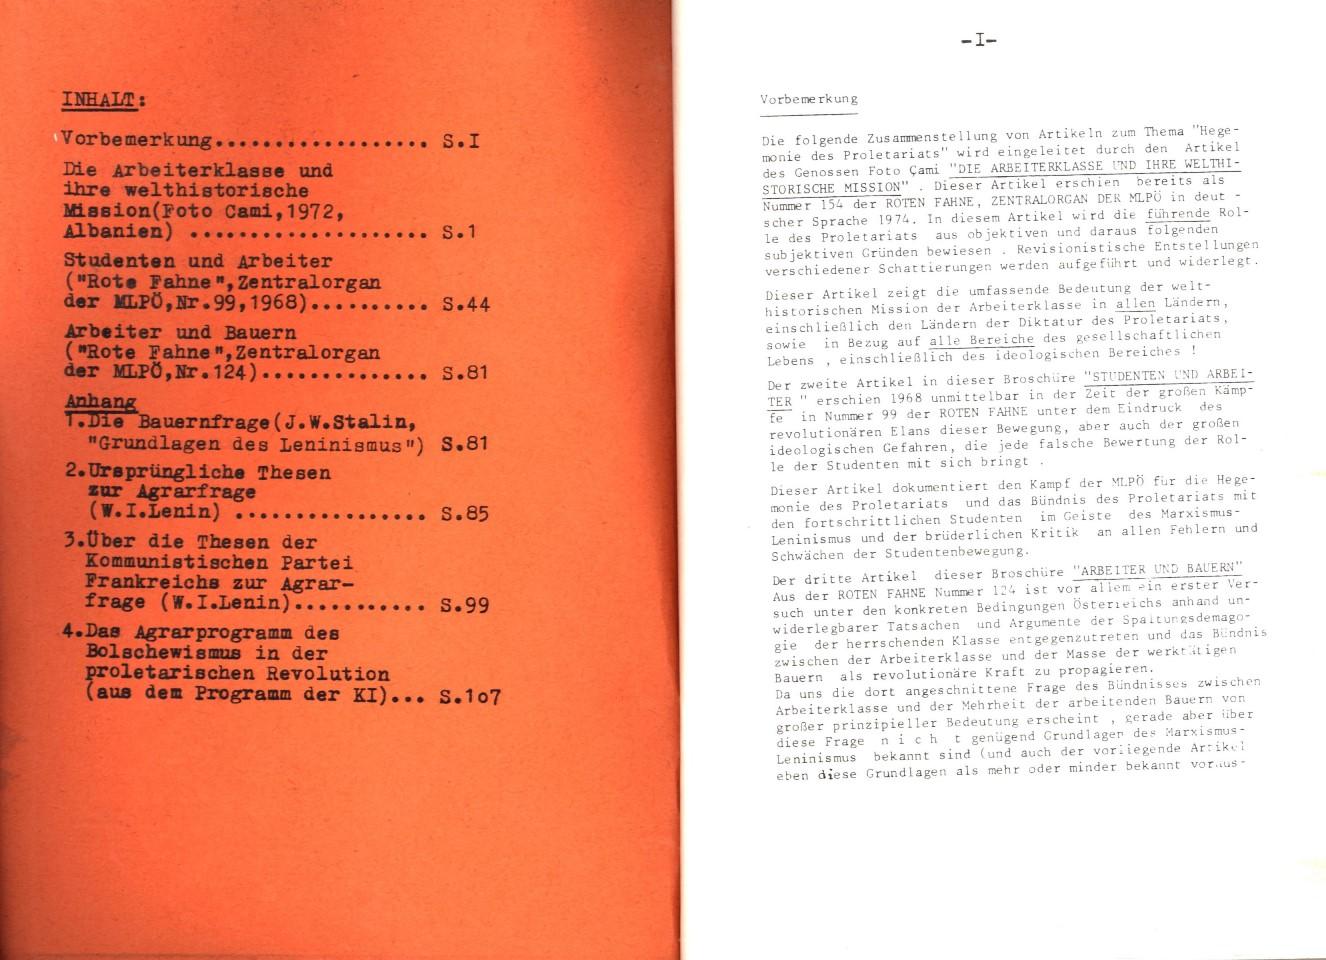 MLSK_Theorie_und_Praxis_des_ML_1978_23_02